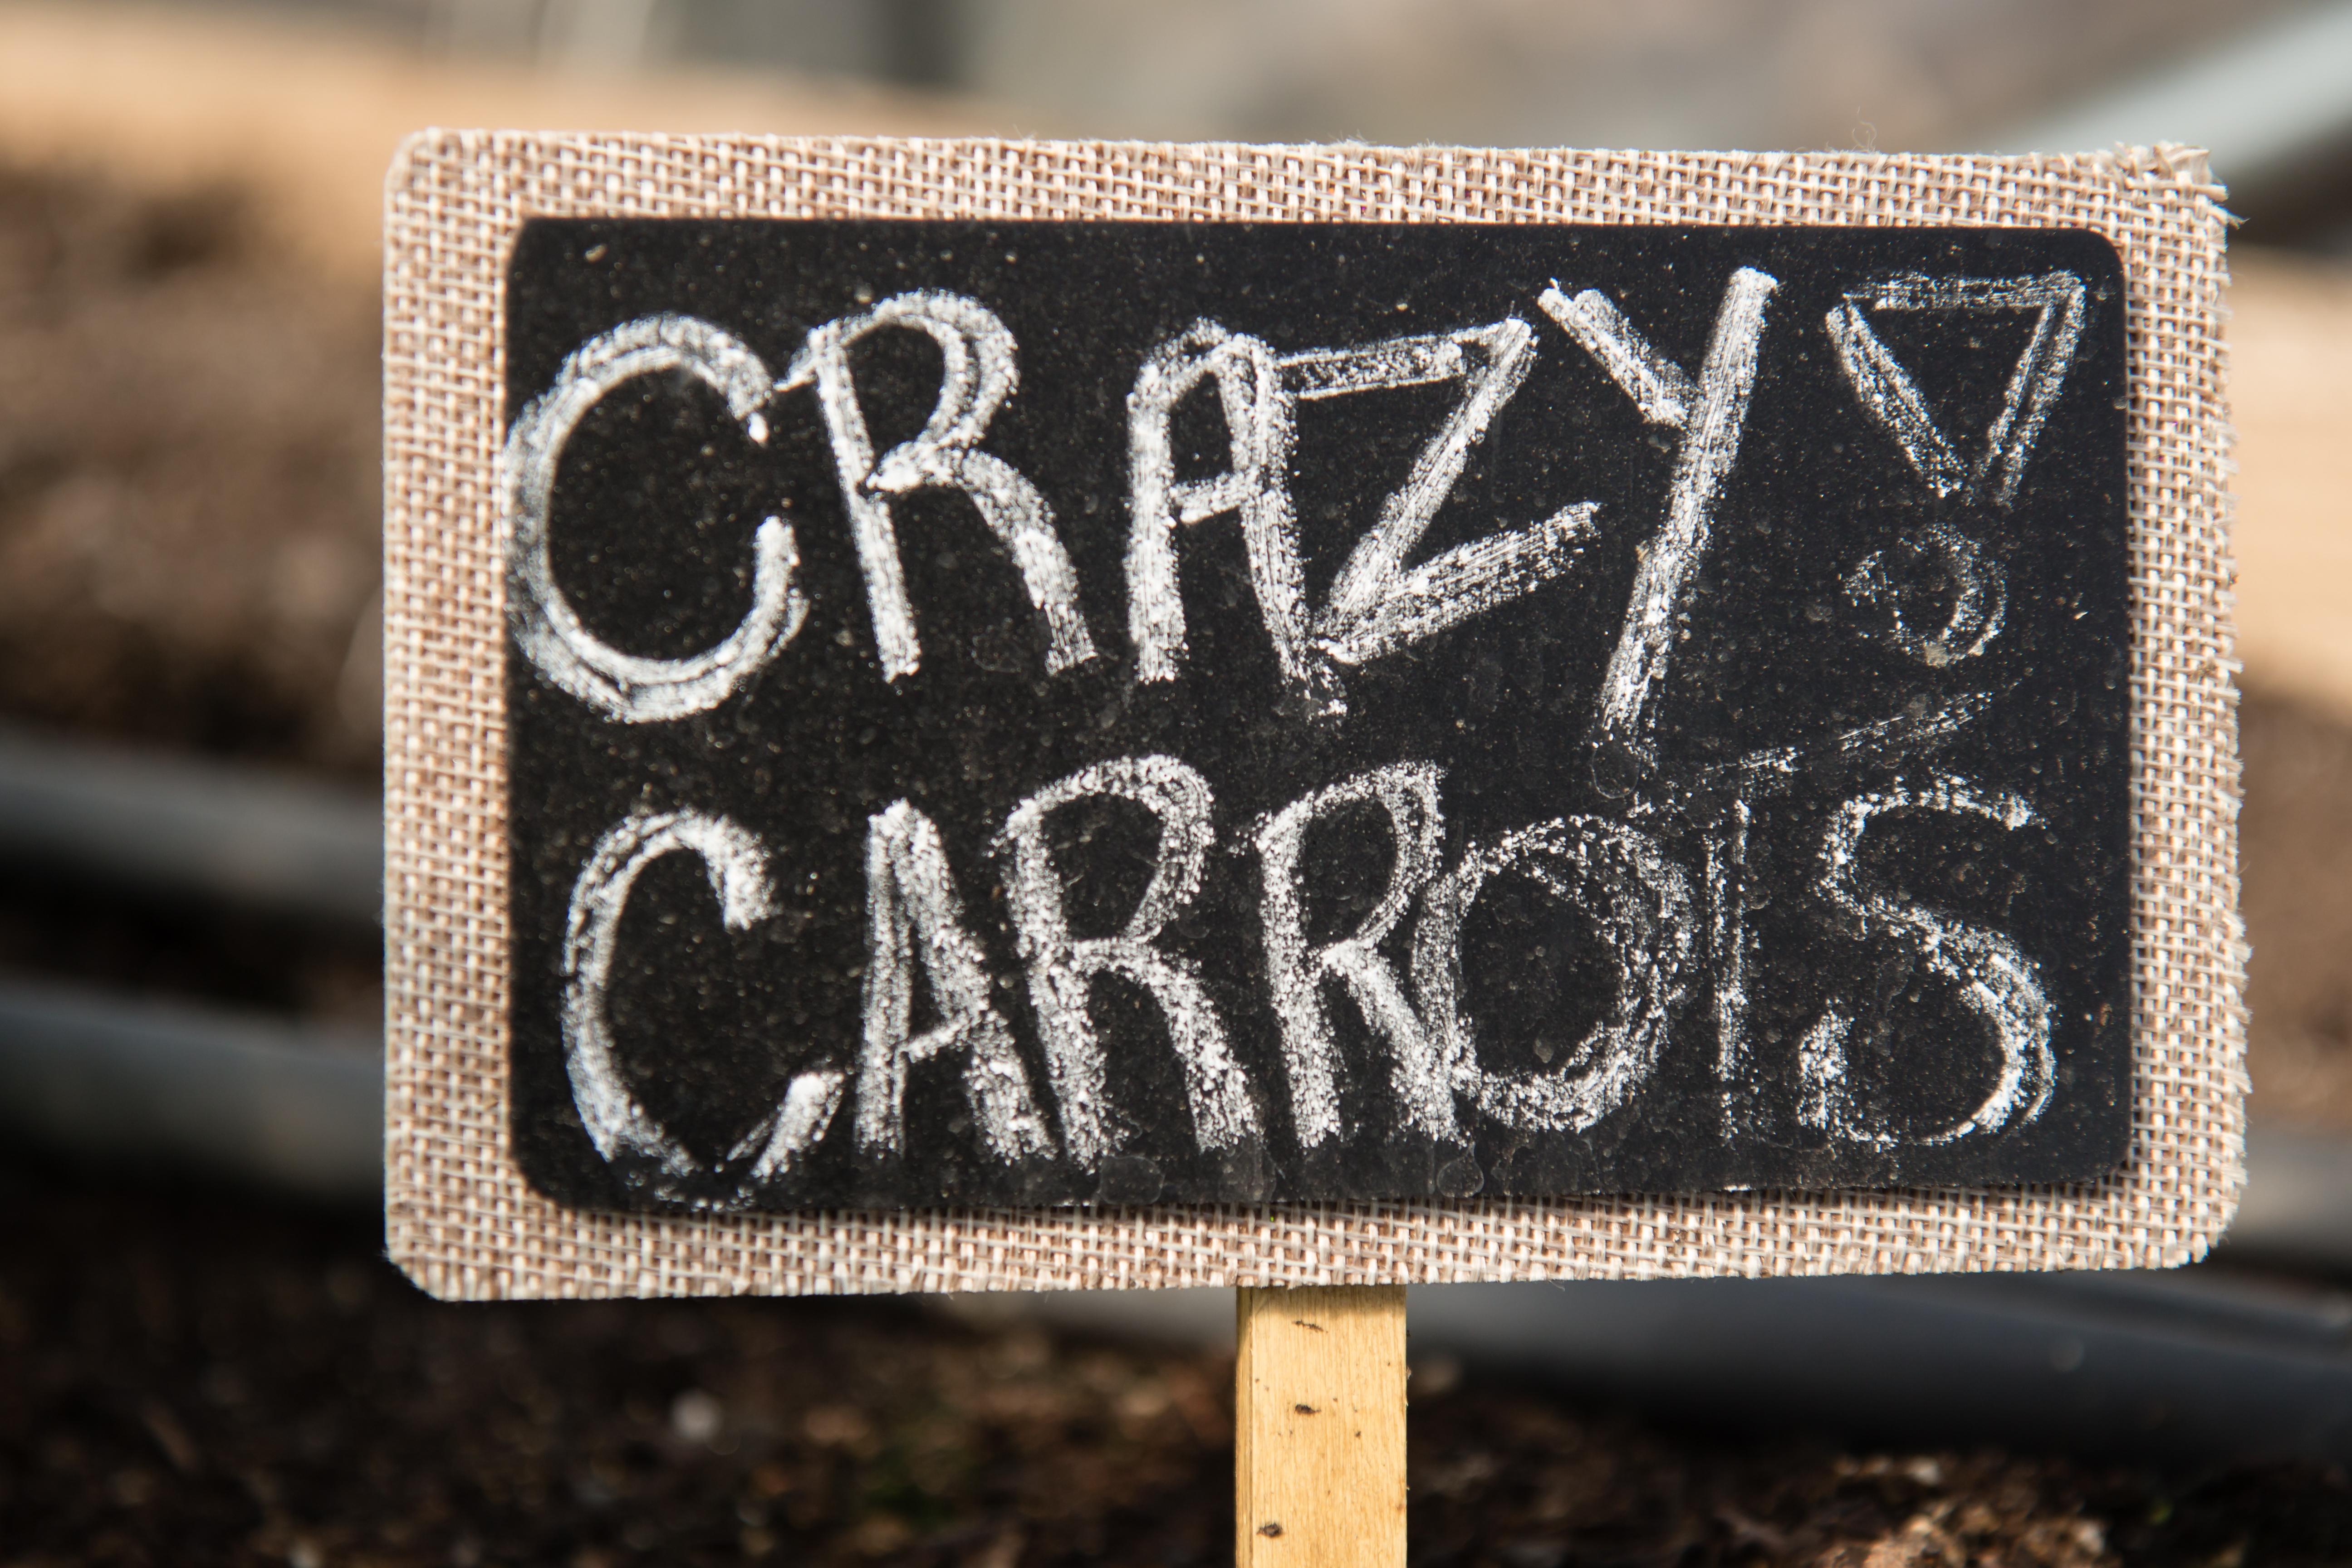 Crazy carrots sign